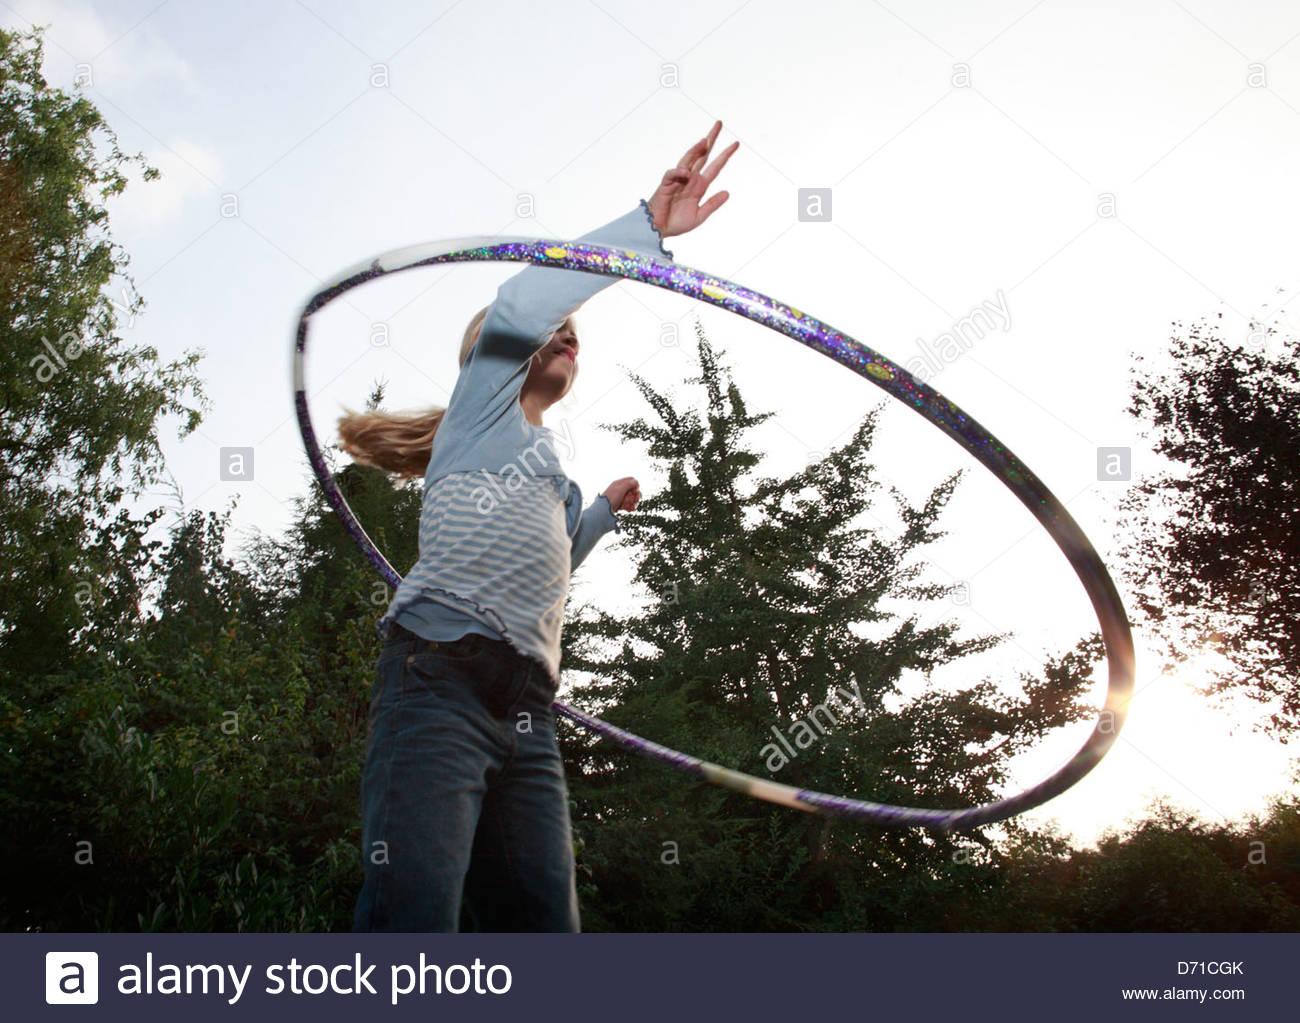 Basso angolo vista di una ragazza che gioca con un hula hoop Foto Stock